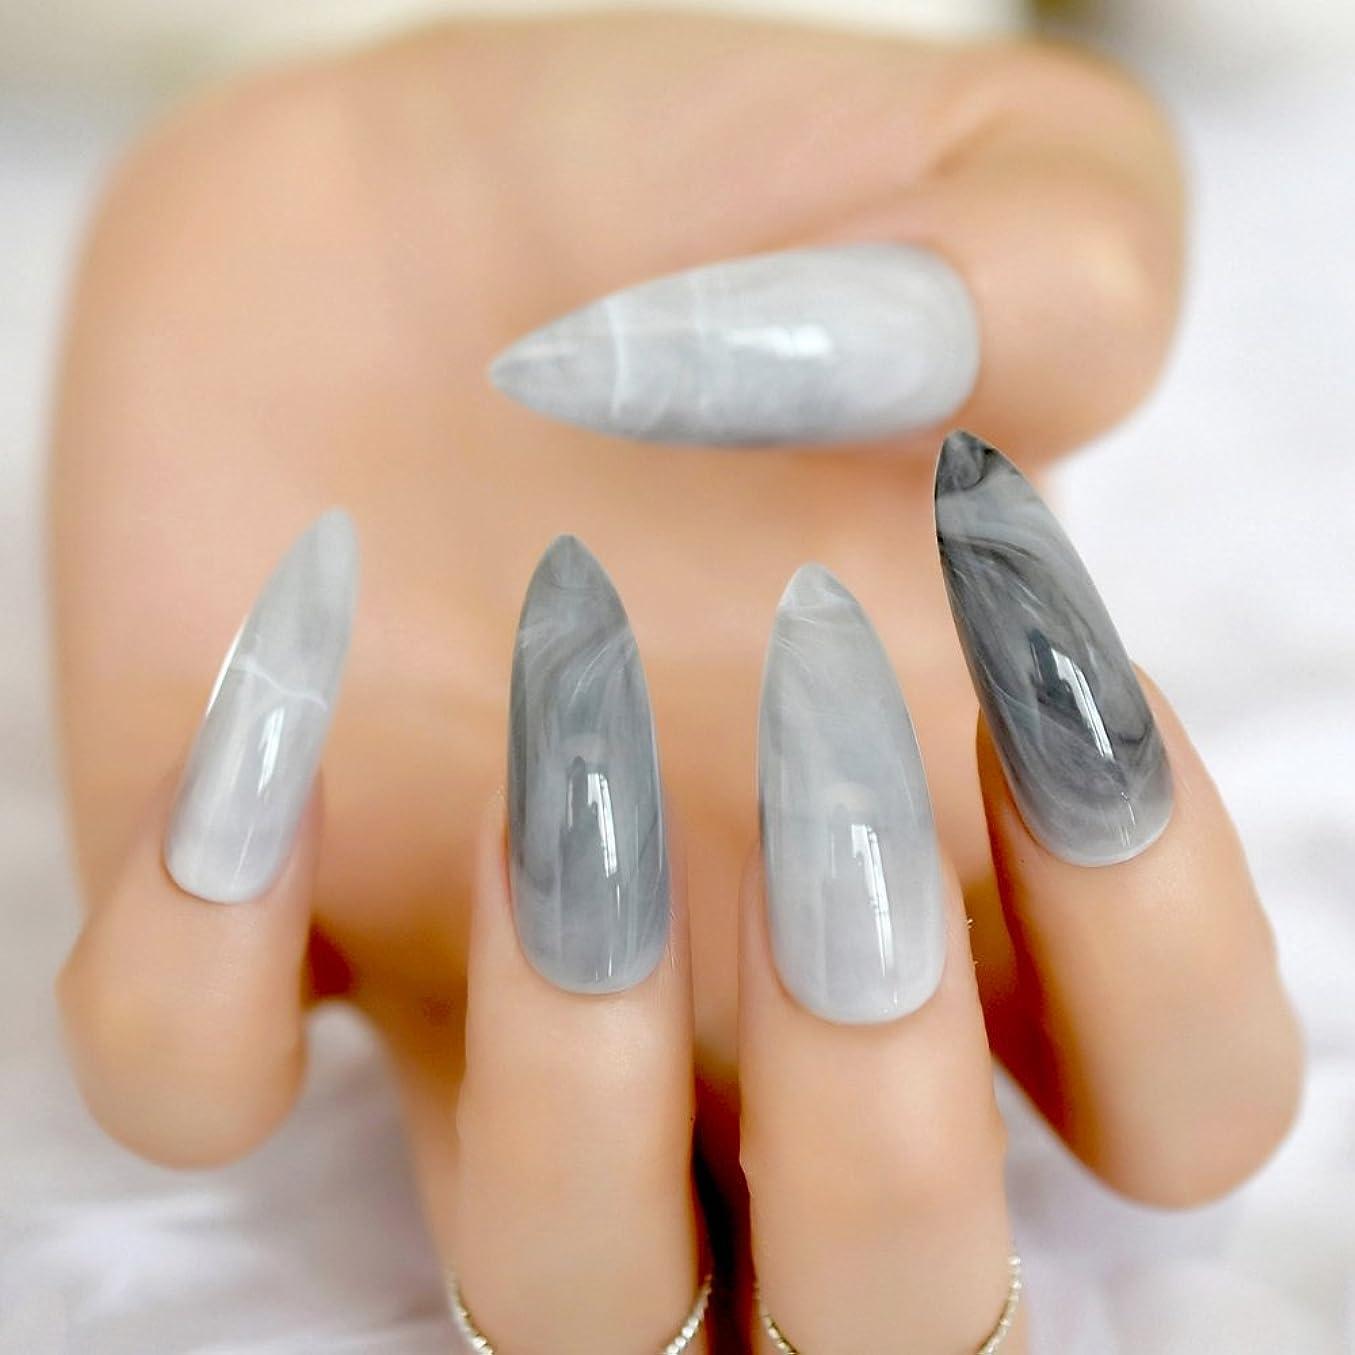 先のことを考える欠乏葉を拾うXUTXZKA スティレットグレーの大理石の偽の爪の石のパターンは指24のための偽の爪に暗い光沢のある長押しを指摘